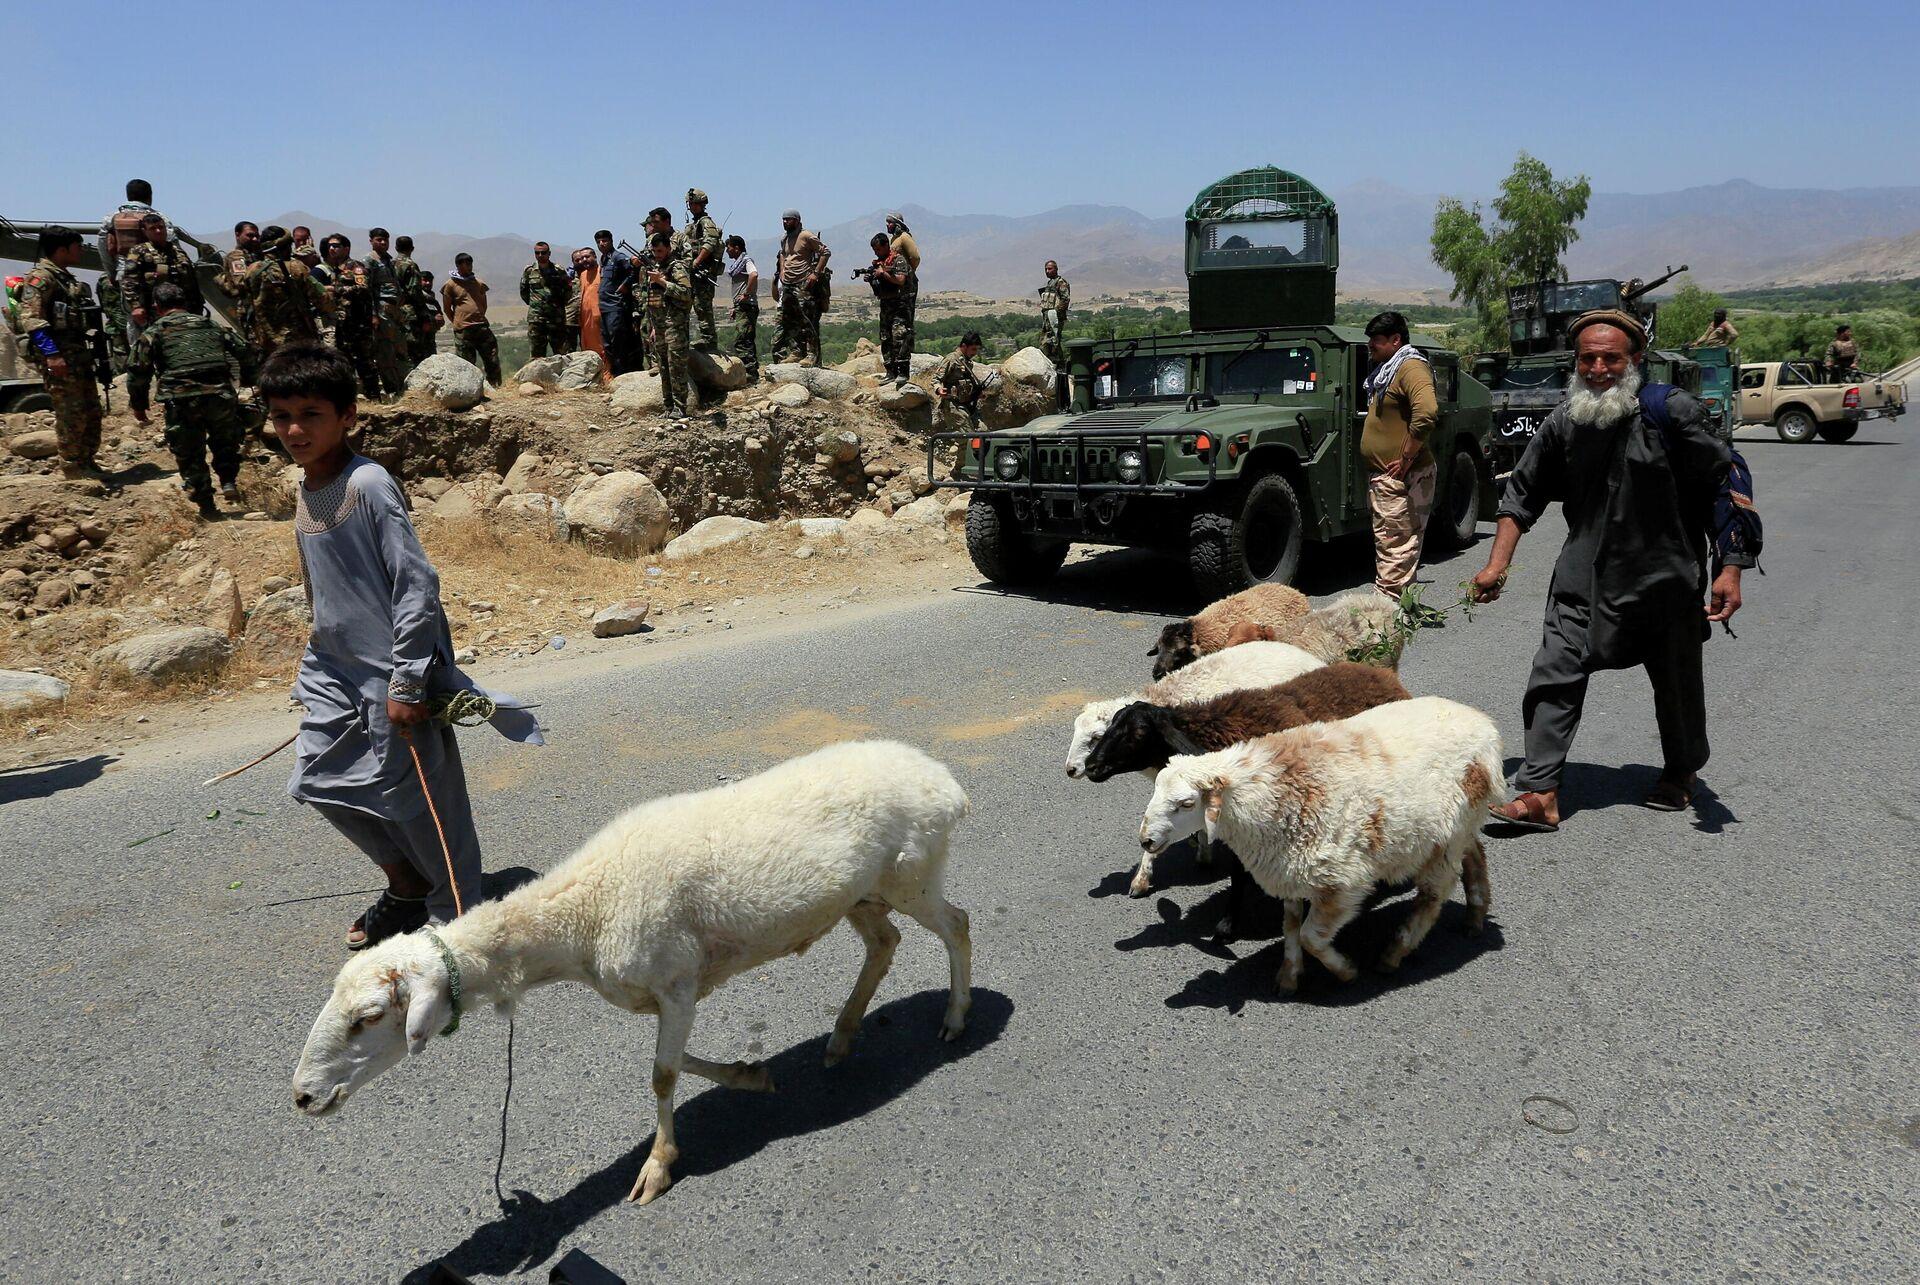 Soldados del Ejército Nacional Afgano en un puesto de control recuperado de los talibanes, mientras un hombre pasa con sus ovejas en el distrito de Alishing de la provincia de Laghman, Afganistán, el 8 de julio de 2021. - Sputnik Mundo, 1920, 09.07.2021